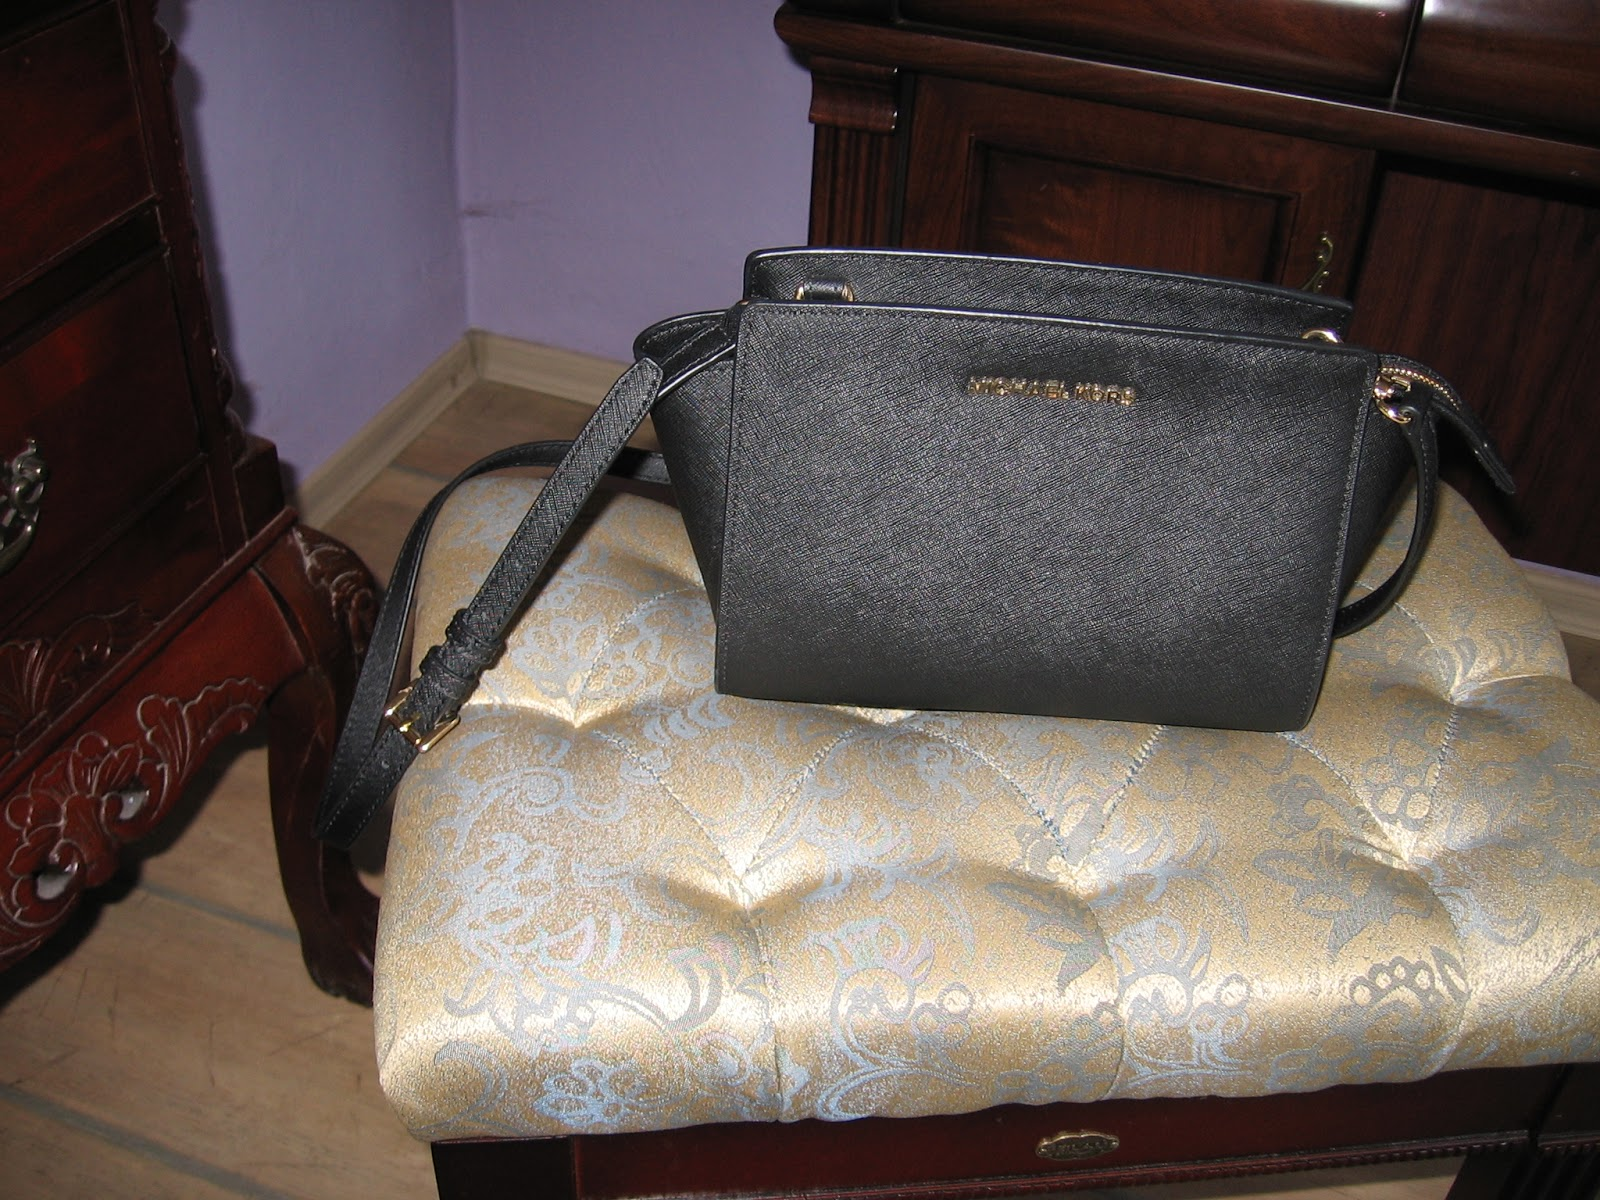 b202e97752fa5 I znów mój wybór padł na Korsa. Za każdym razem kiedy chcę kupić torebkę,  oglądam różne modele znanych marek, ale i tak zawsze MK jest górą ;-)